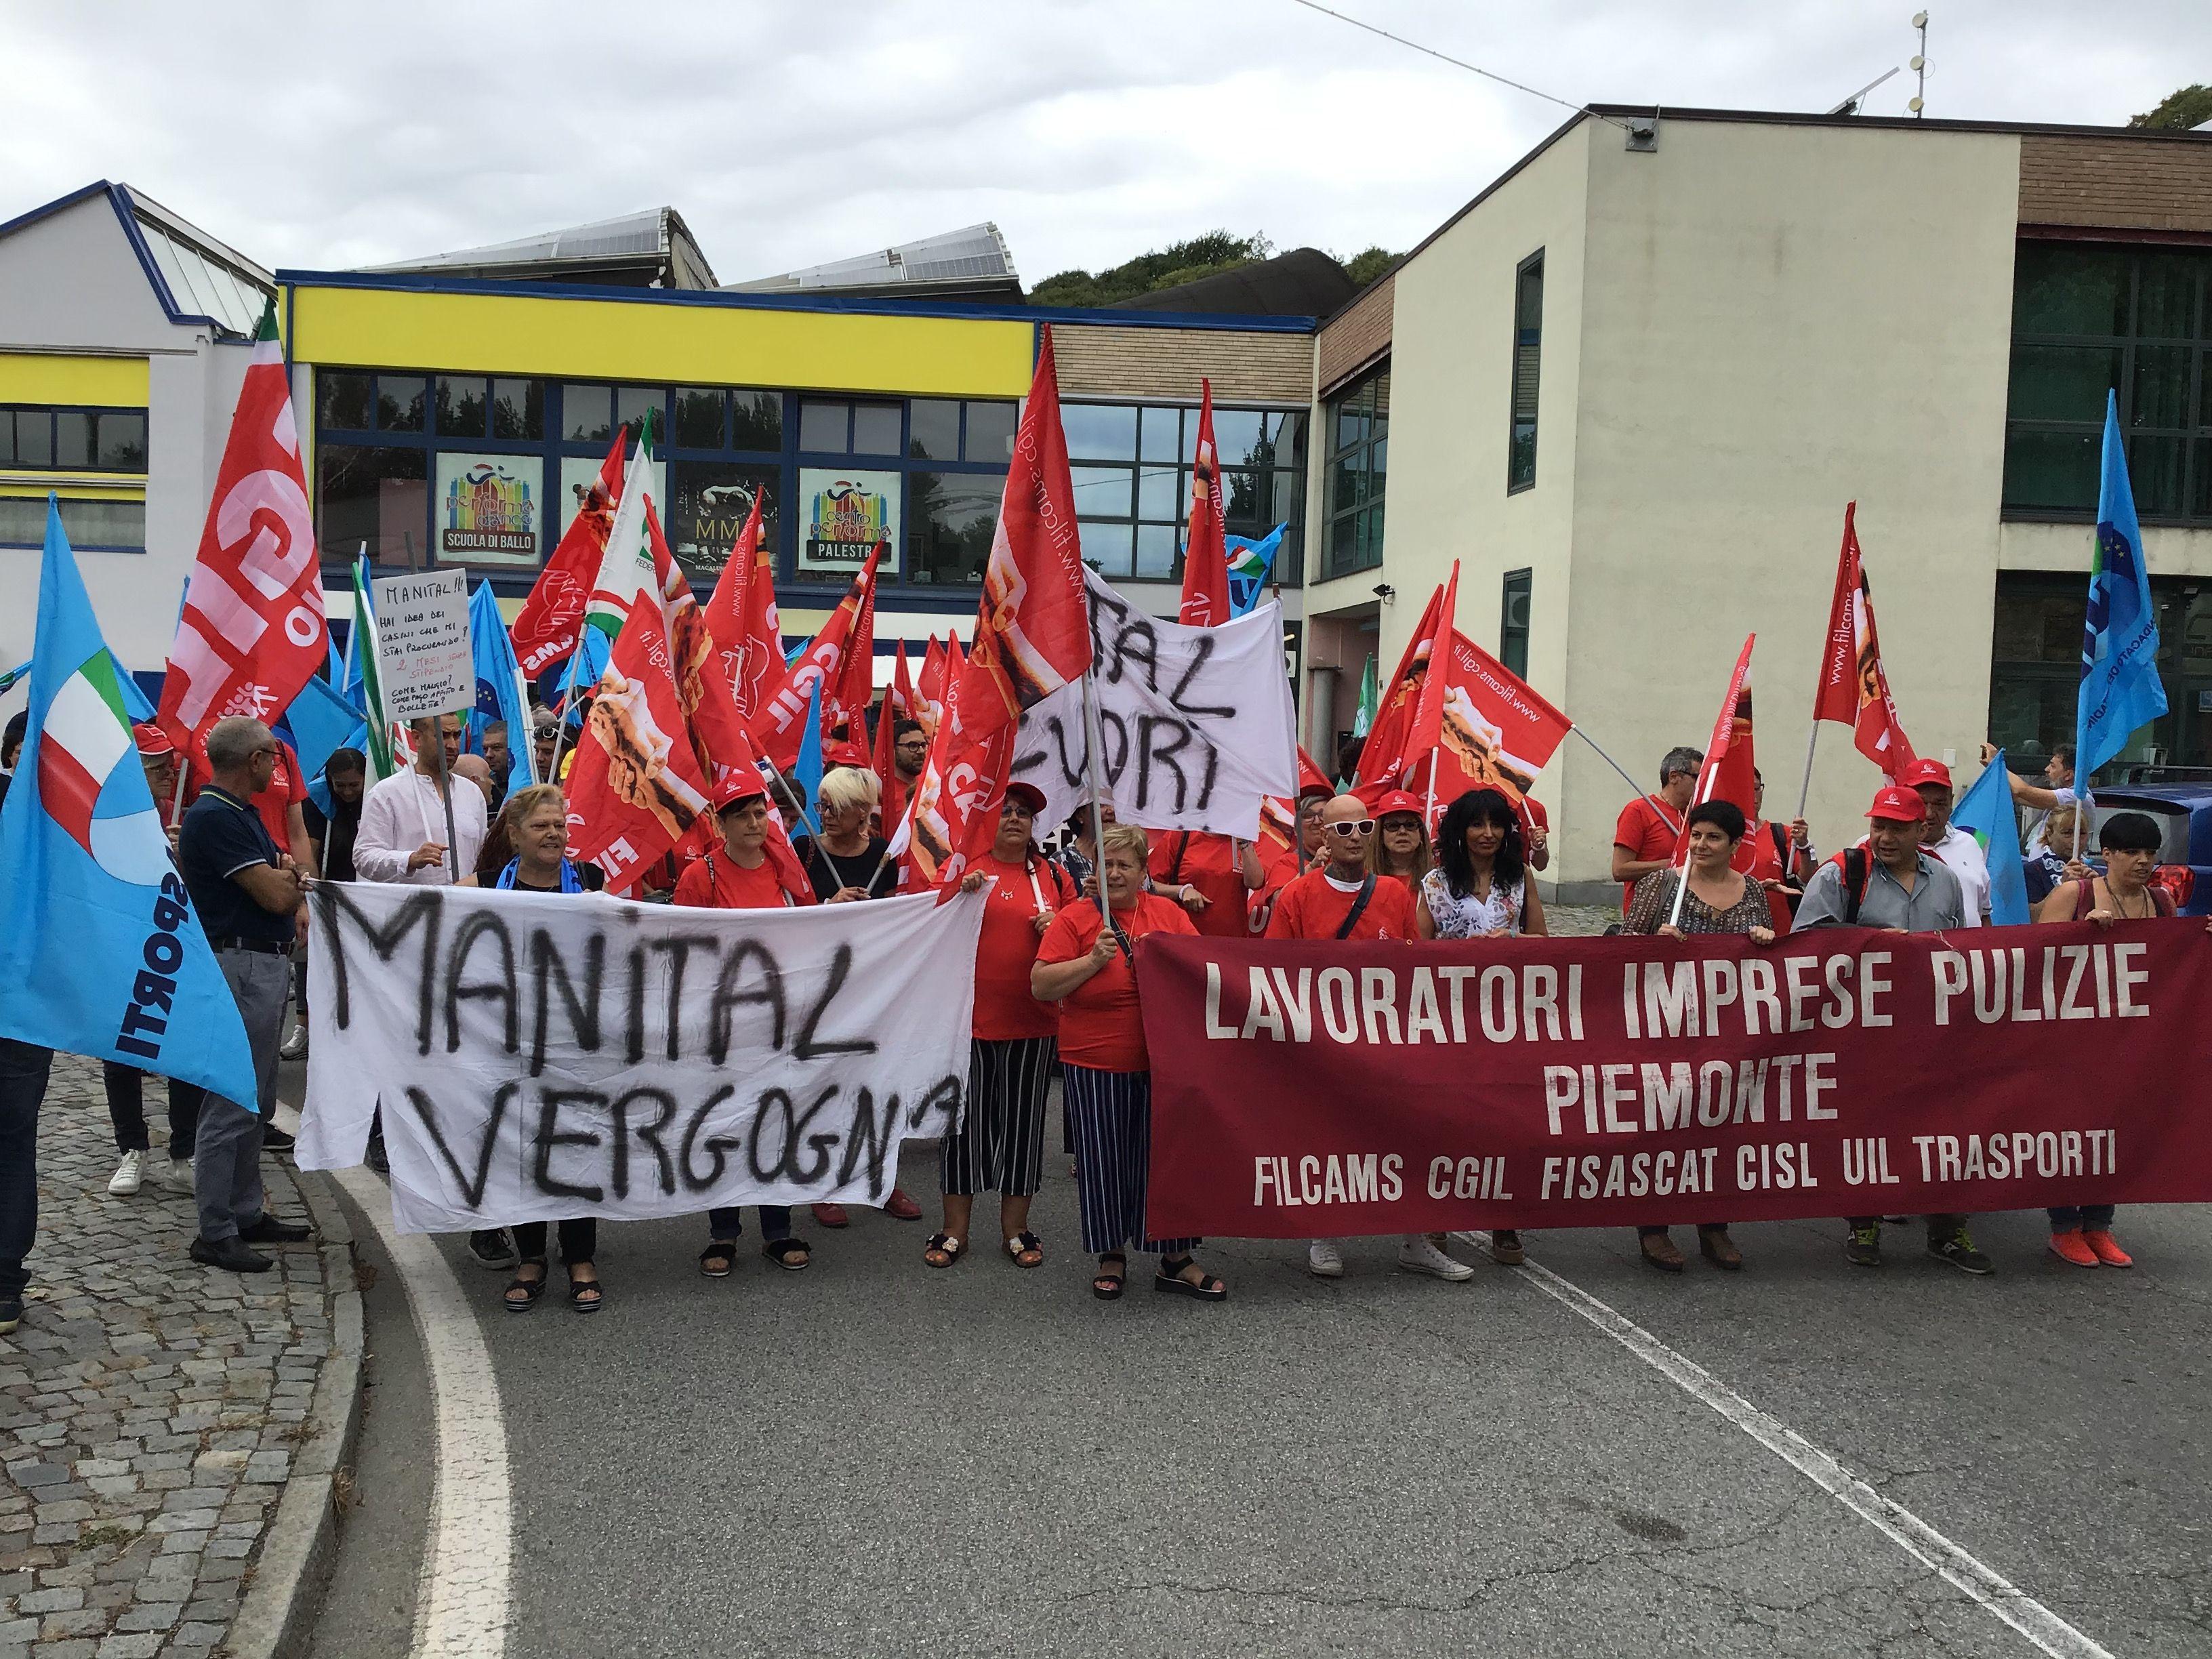 IVREA - Sono ore decisive per Manital: venerdì decide il tribunale